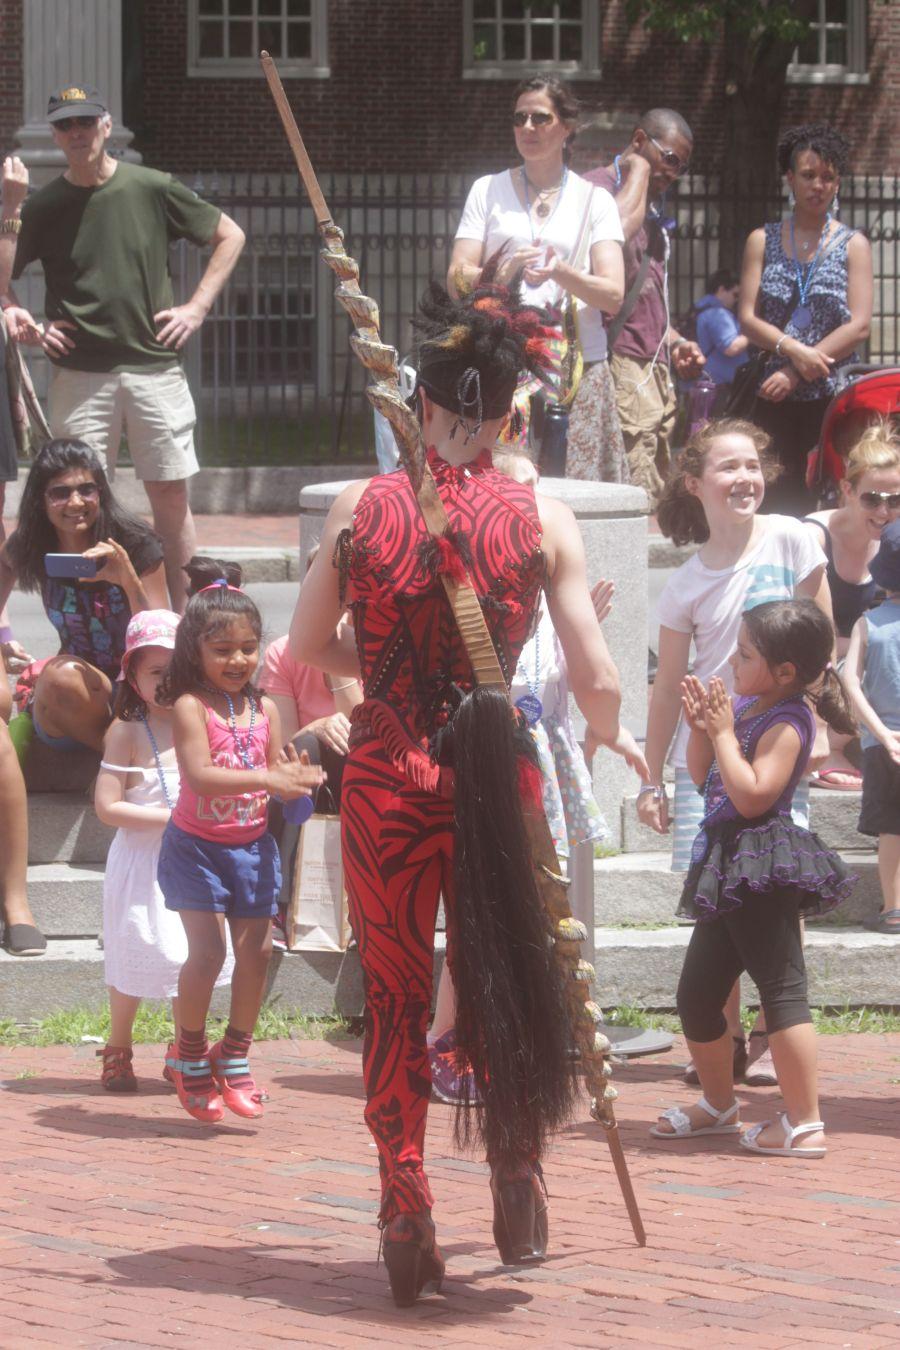 boston harvard square cirque du soleil performers 14